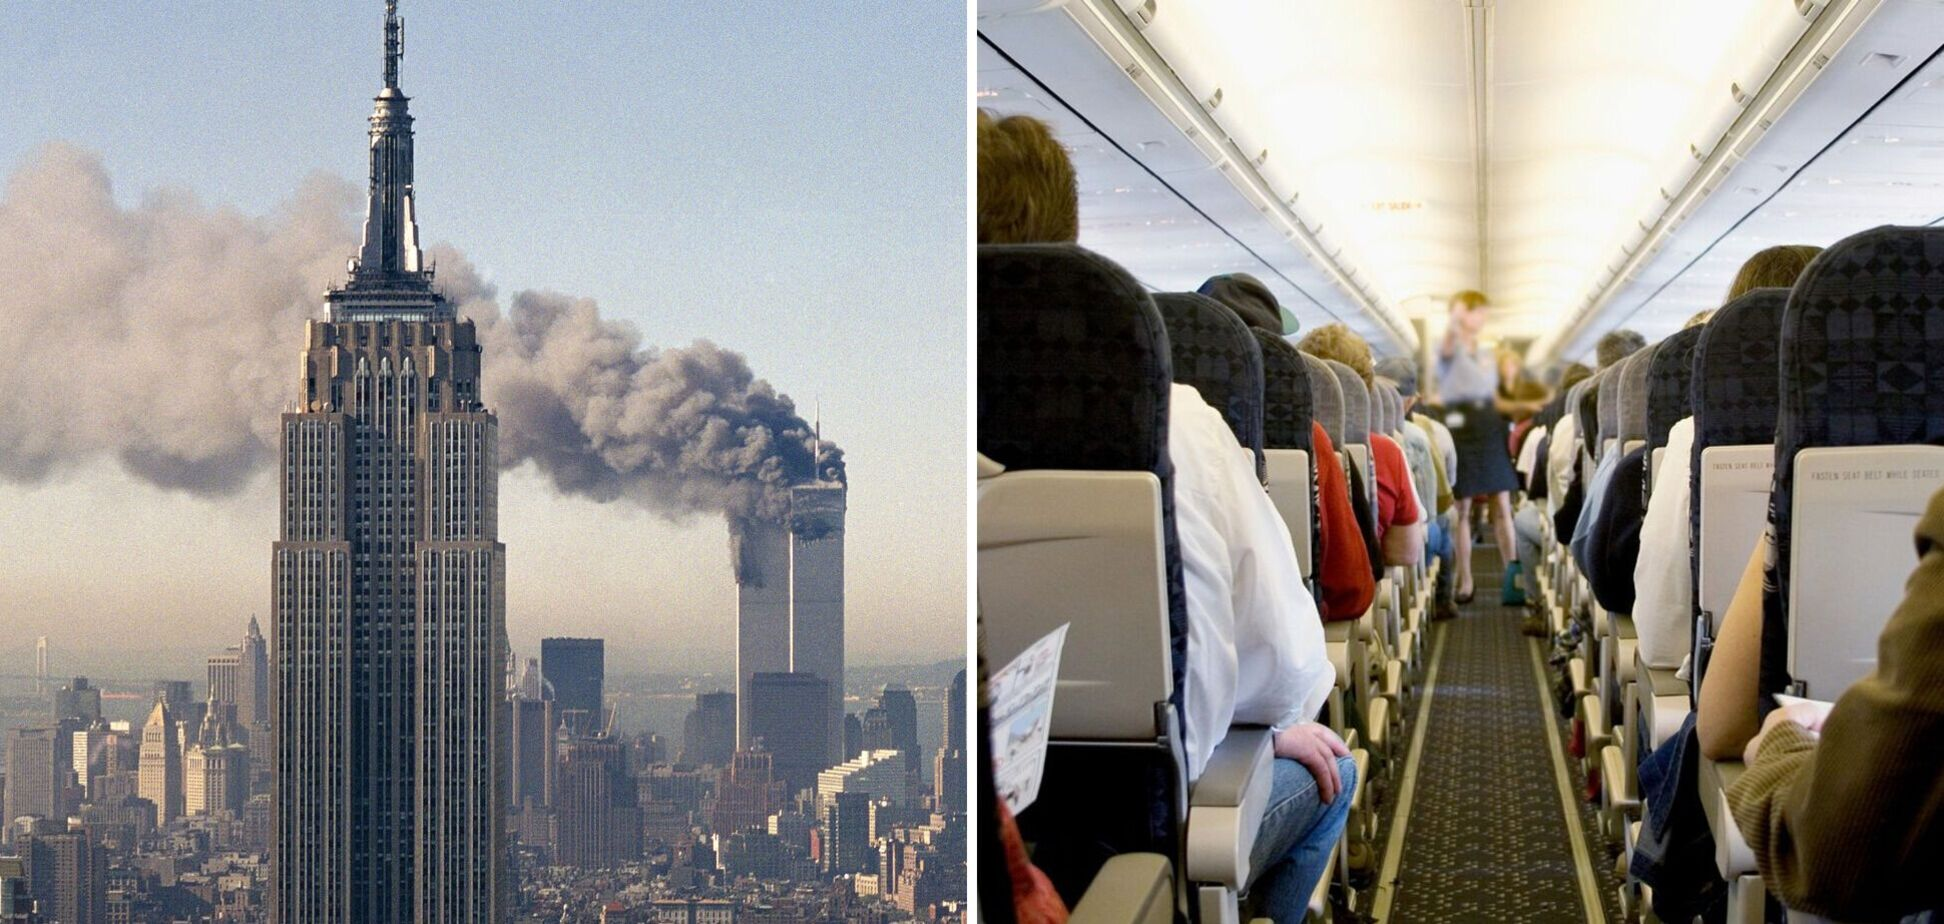 Теракты 9/11 в США: в сети всплыла история работника аэропорта, который пропустил смертников в самолет